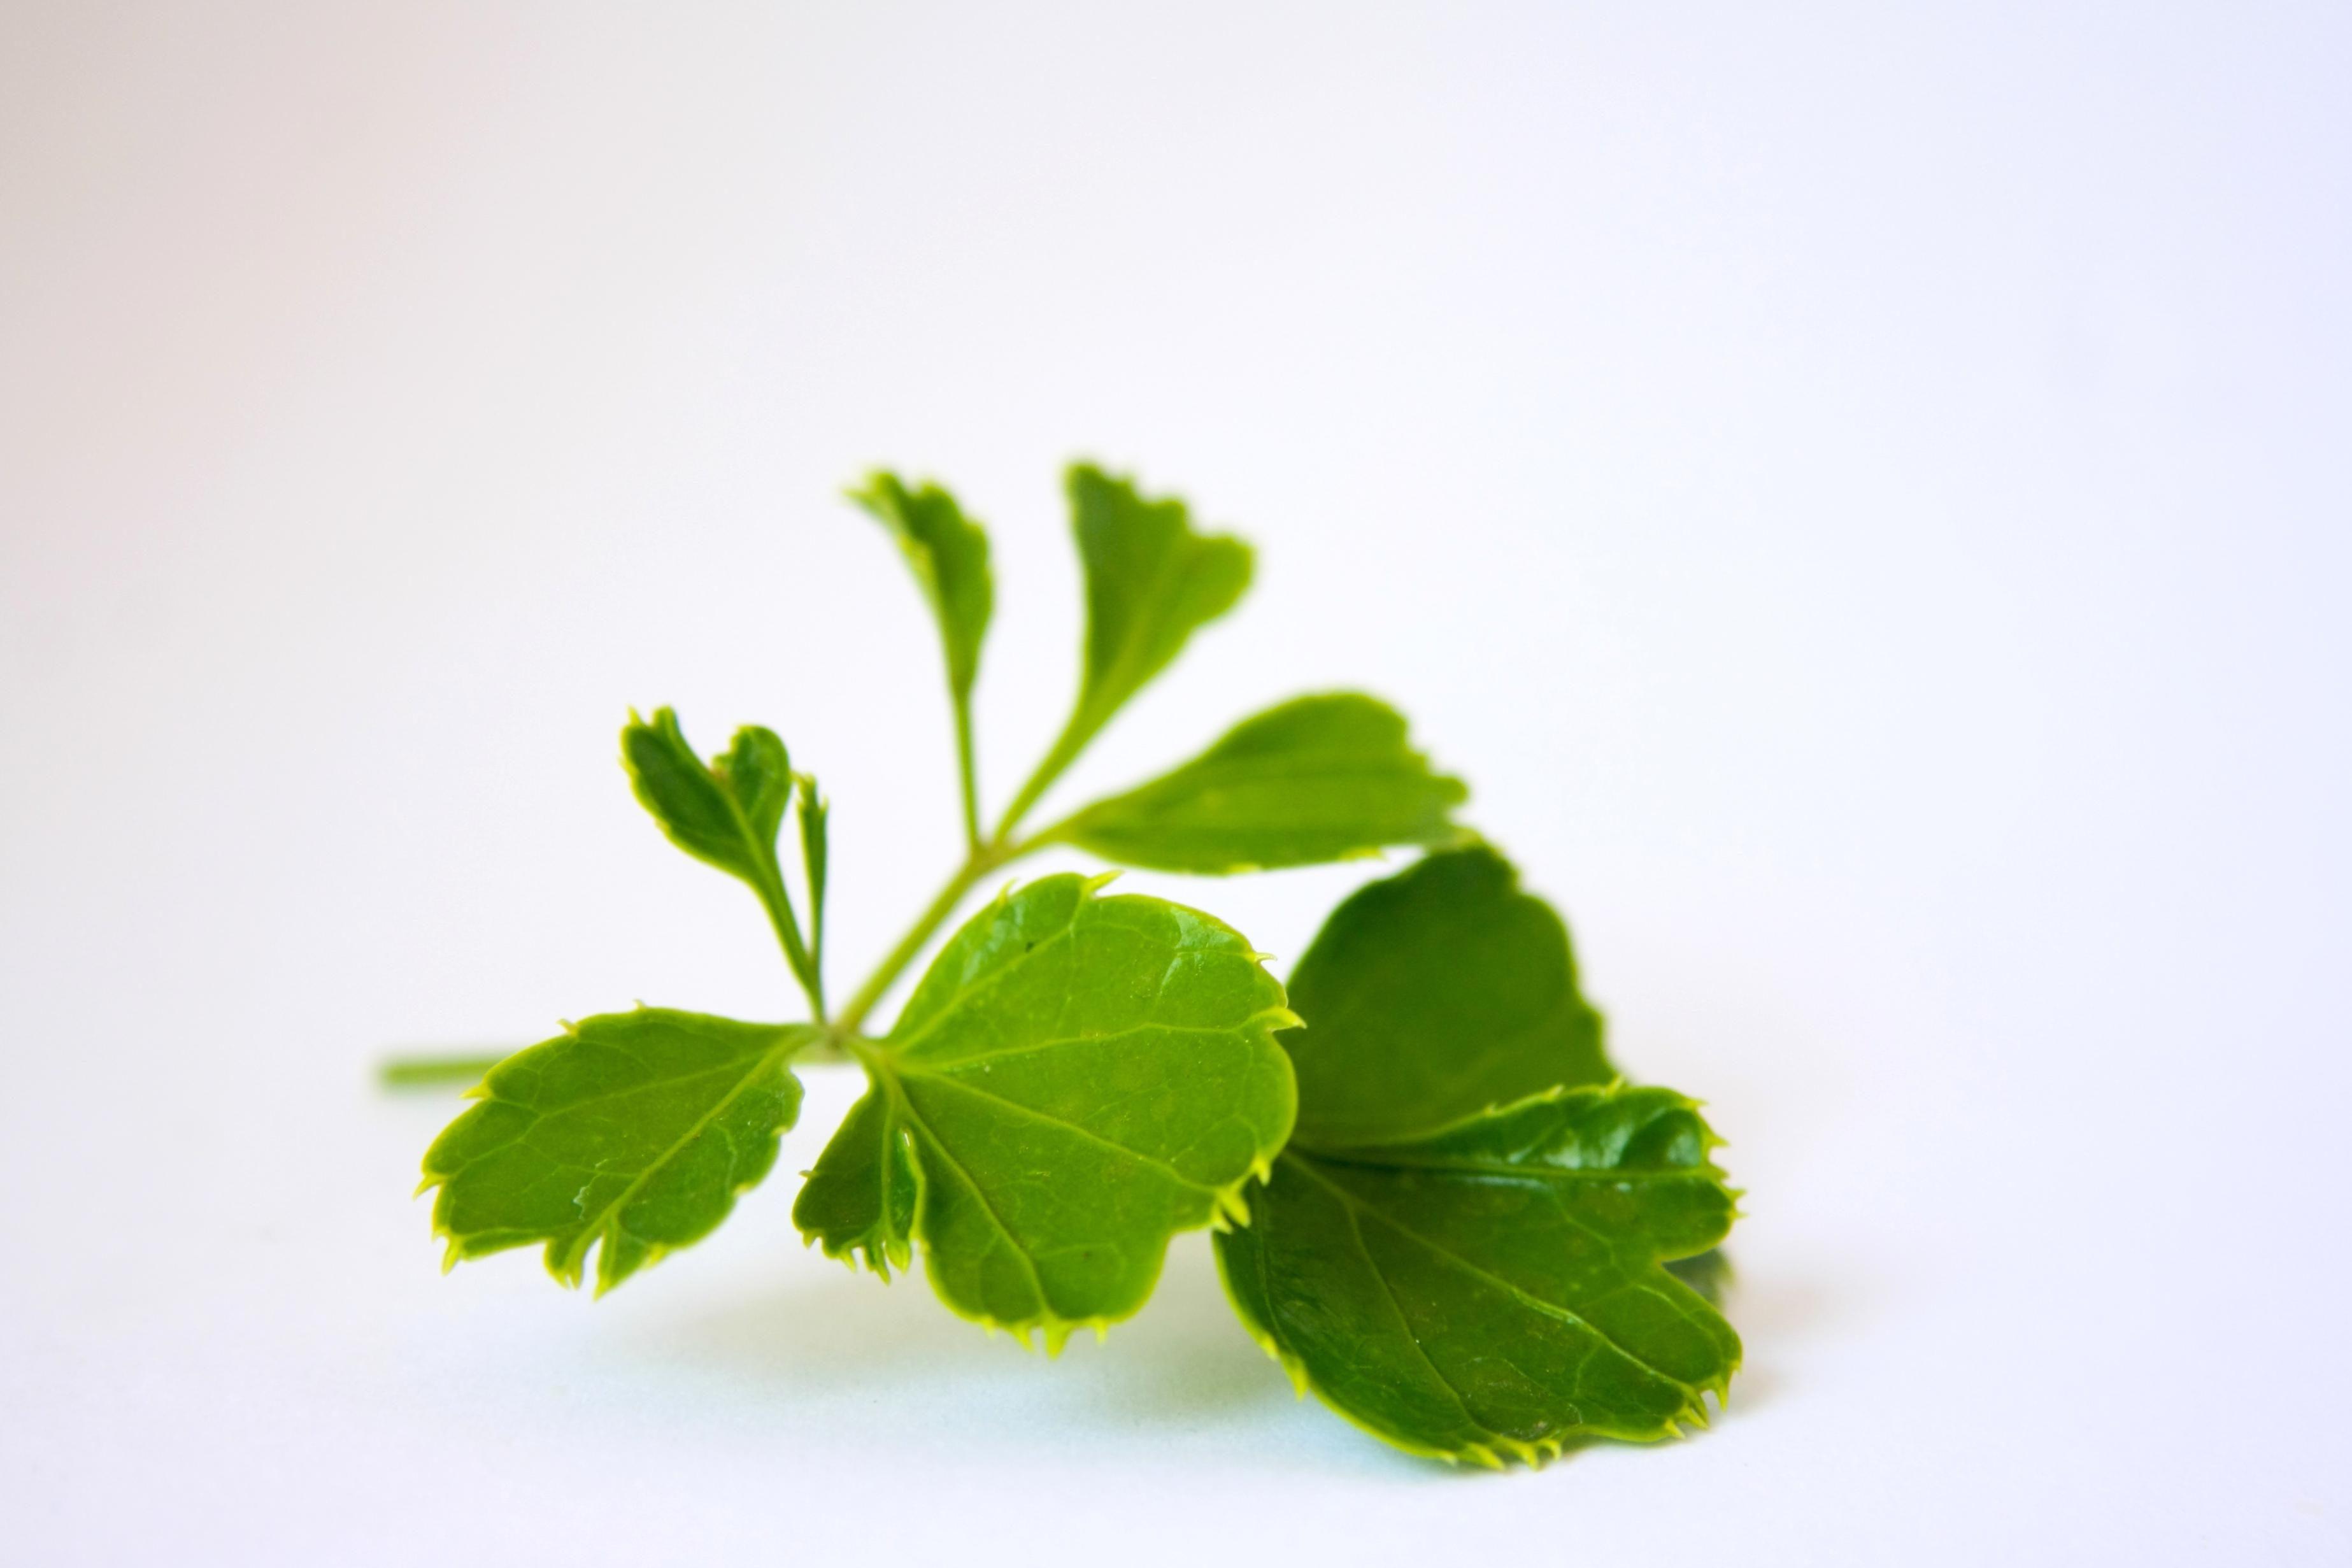 Image libre feuilles vertes th feuille plante for Plante 9 feuilles